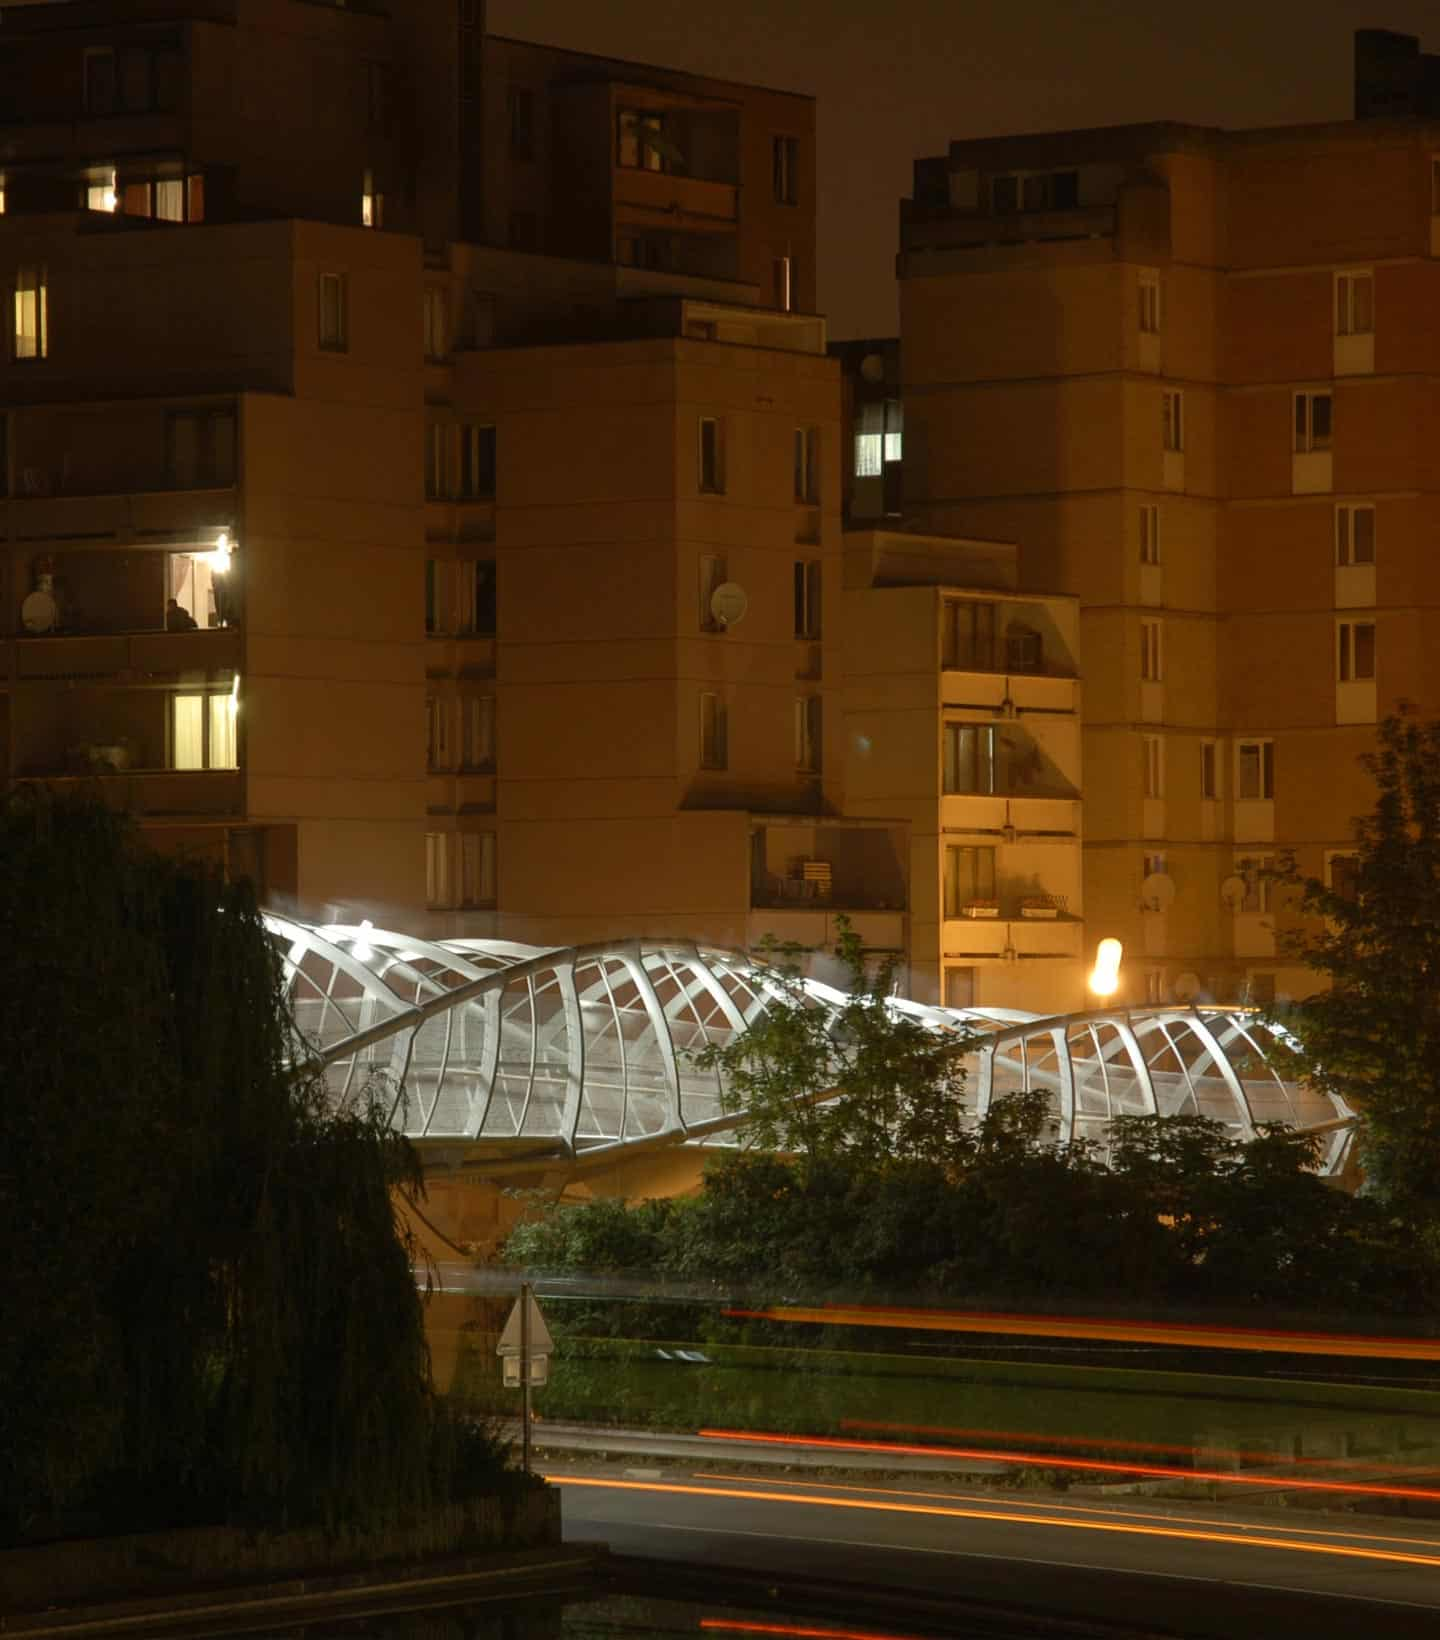 Passerelle quai aux fleurs dvvd architectes for Design hotel quartier 65 mainz